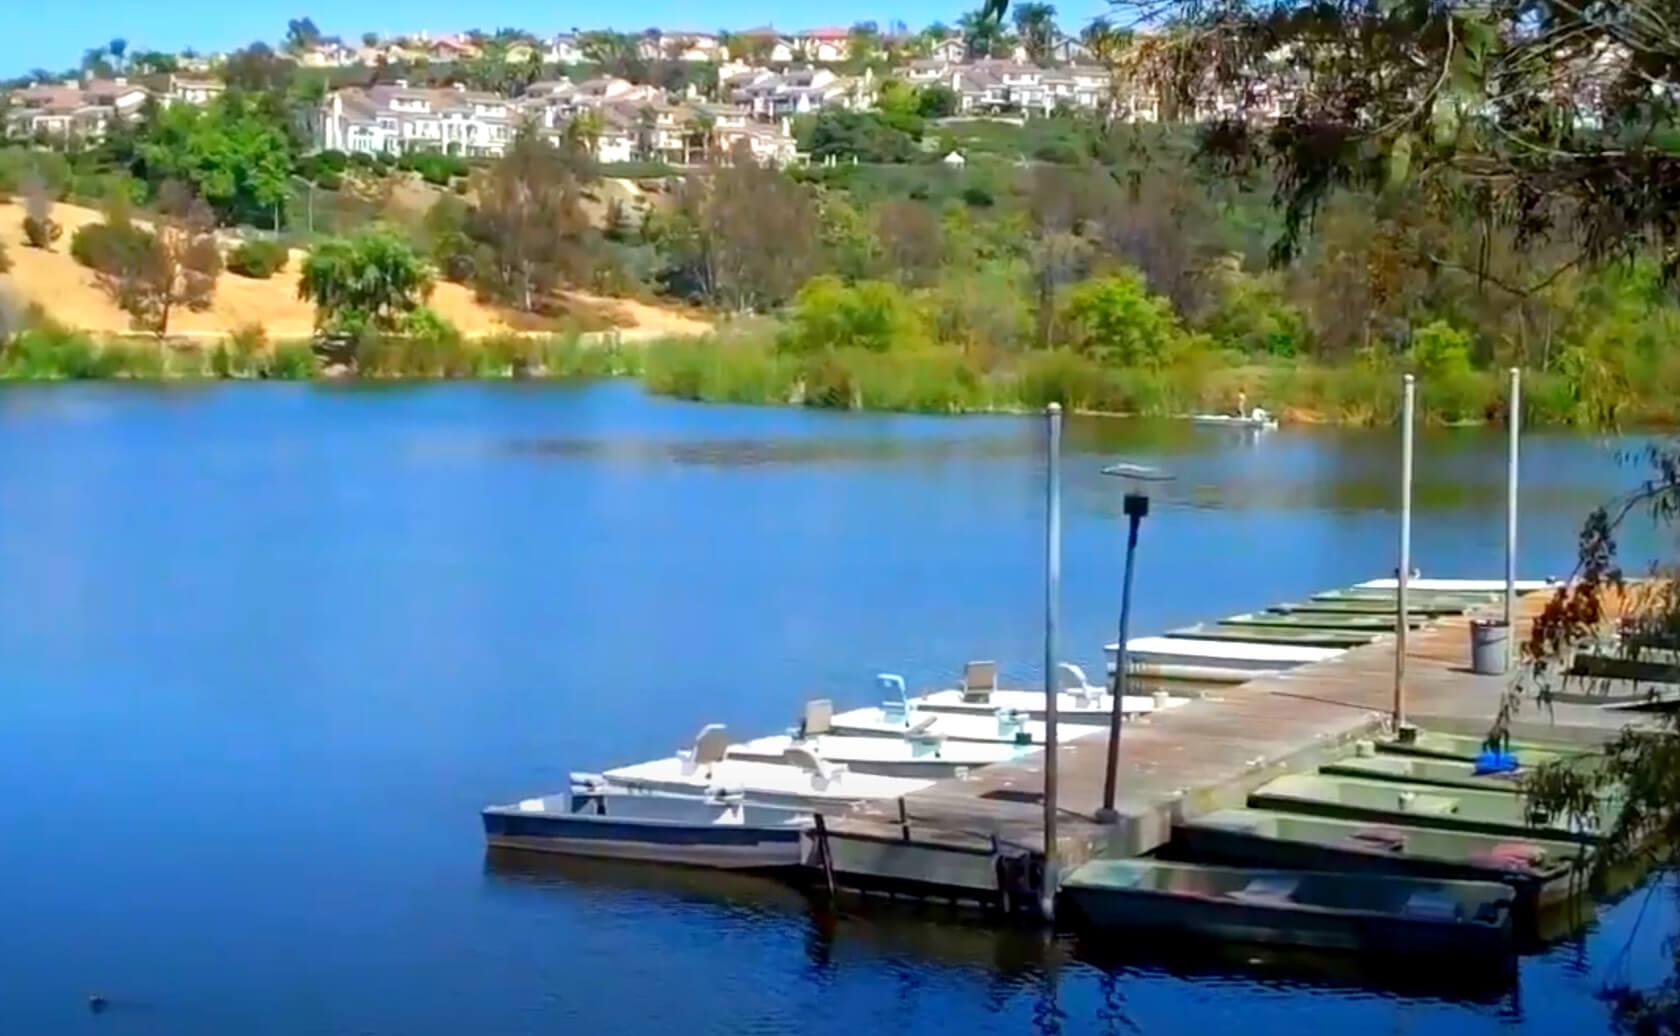 Laguna-Niguel-Lake-Fishing-Guide-Report-CA-07